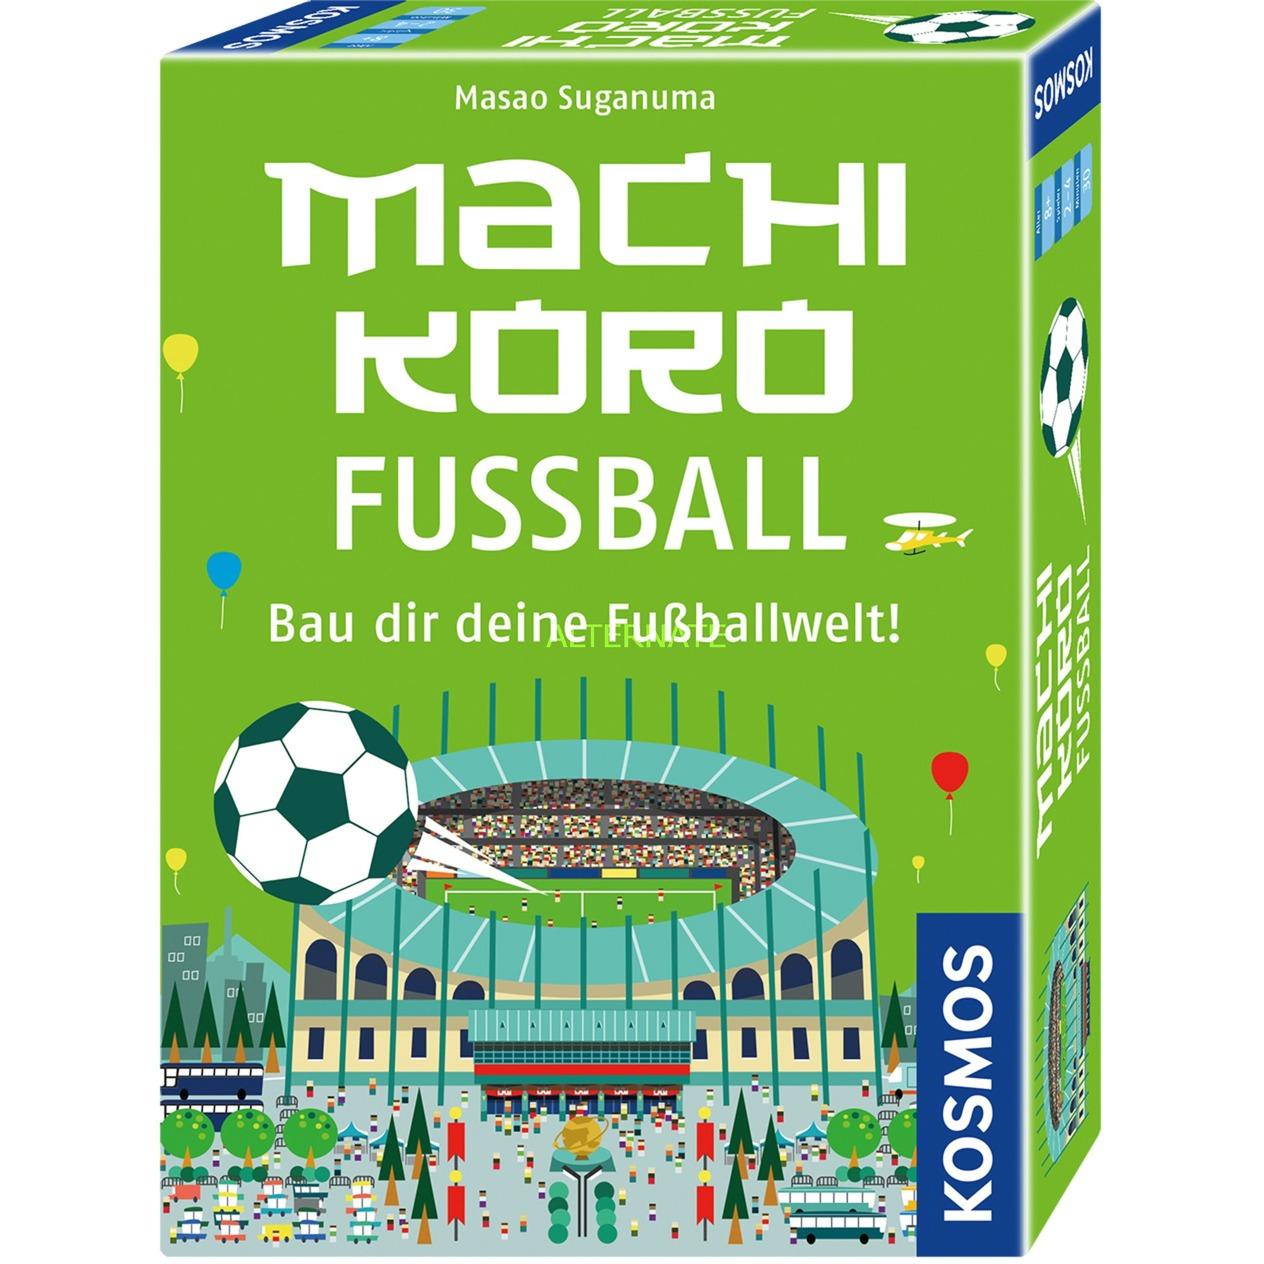 4002051692971 Educativo Alemán Other Formats libro, Juegos de cartas